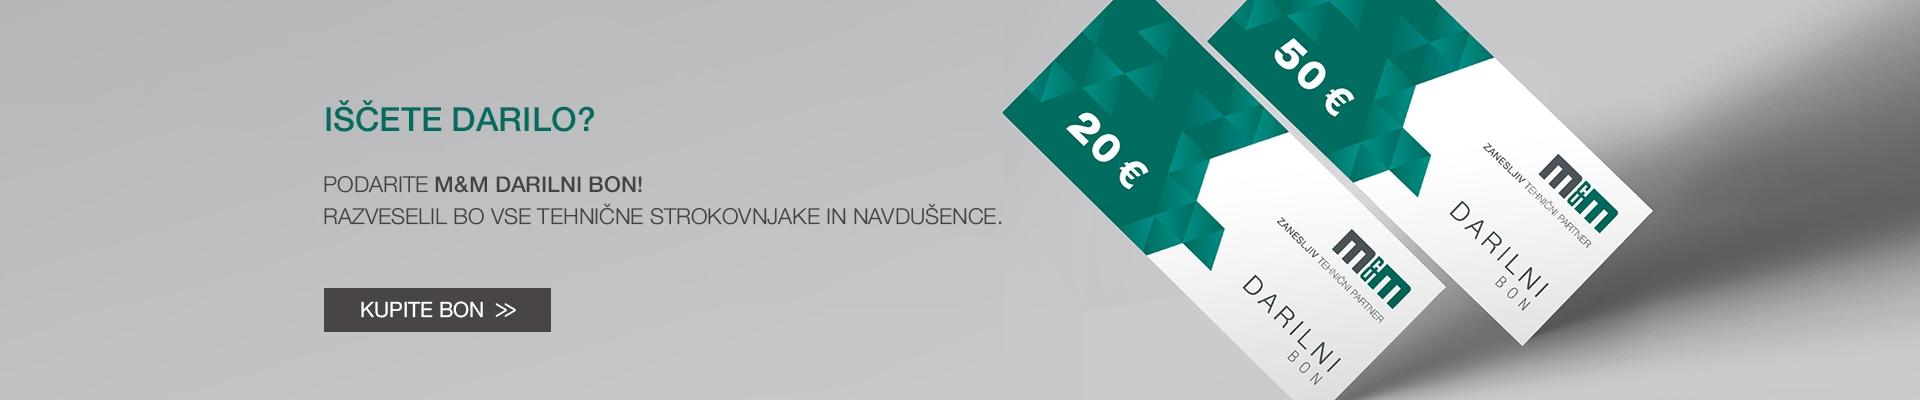 Podarite M&M darilni bon v vrednosti 20€ ali 50€